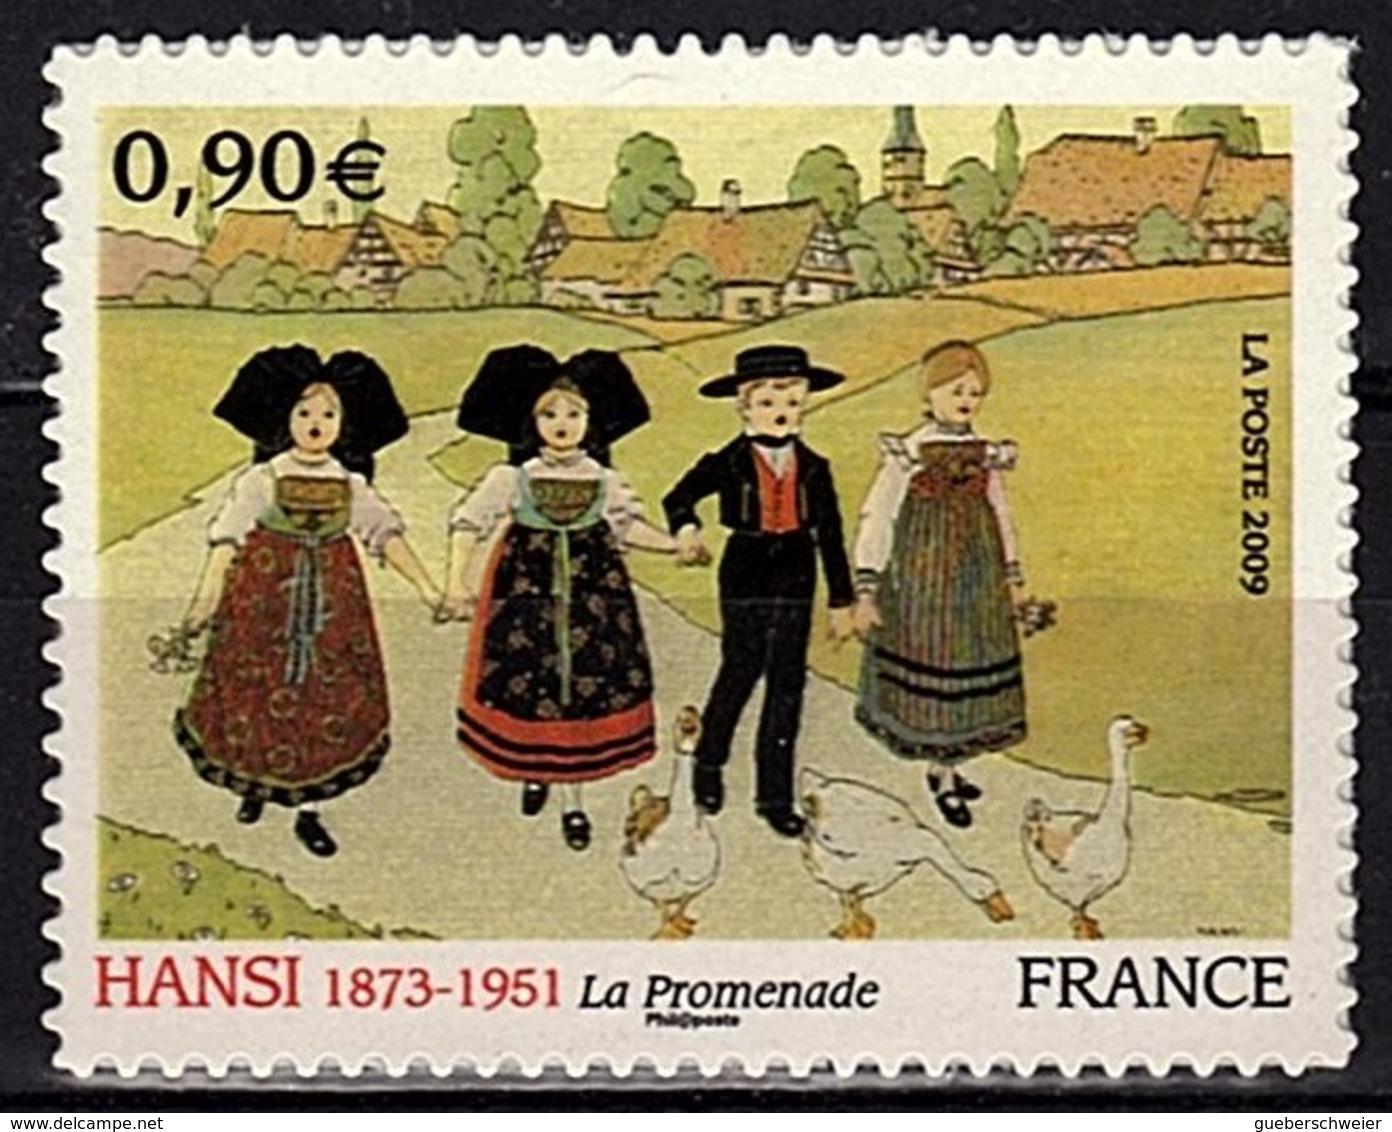 ADH 62 - FRANCE Adhésifs N° 370 Neufs** Hansi Jean-Jacques Waltz - France